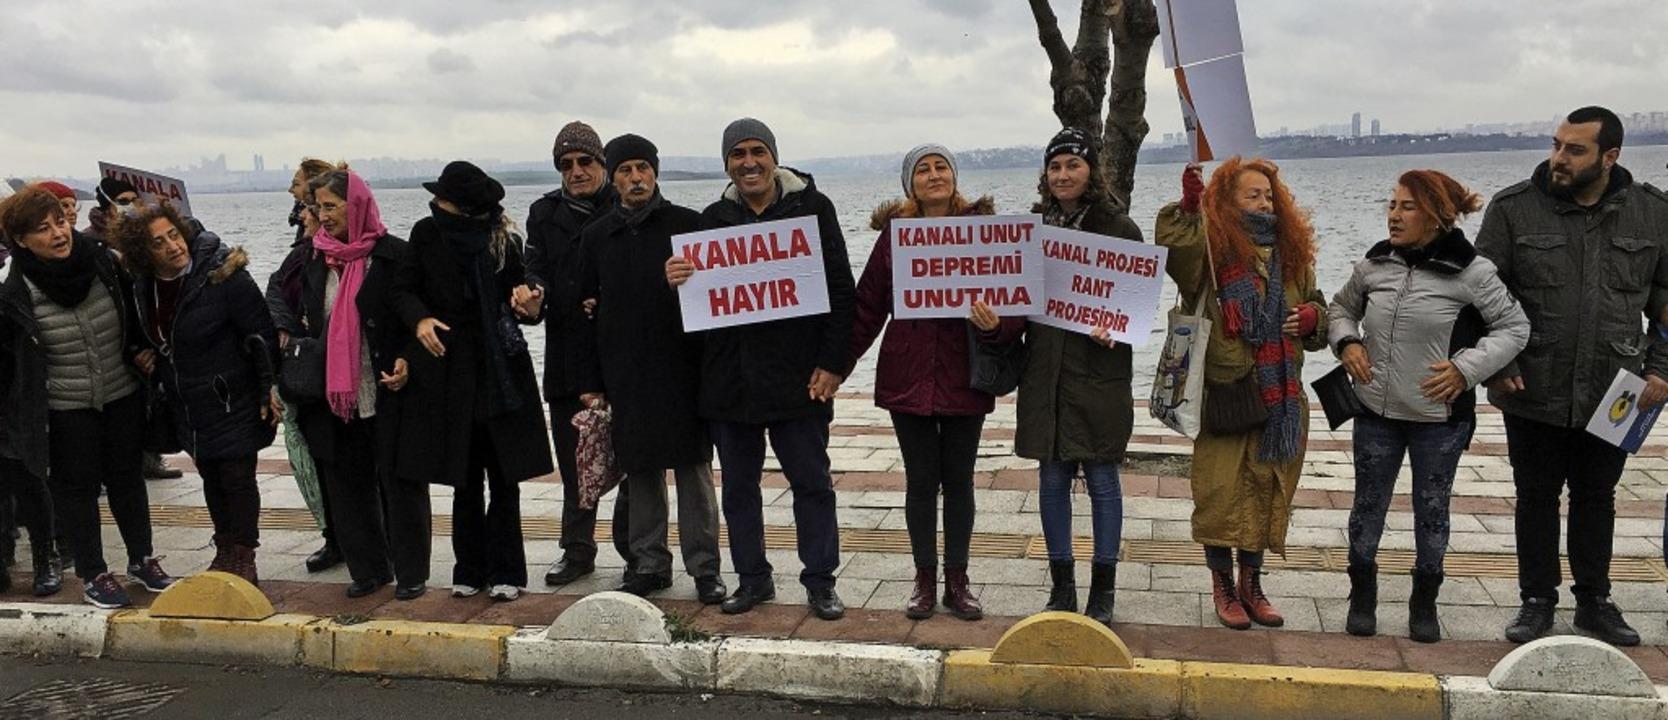 Im Istanbuler Stadtteil Avcilar bildet...schenkette gegen den geplanten Kanal.     Foto: Gottschlich